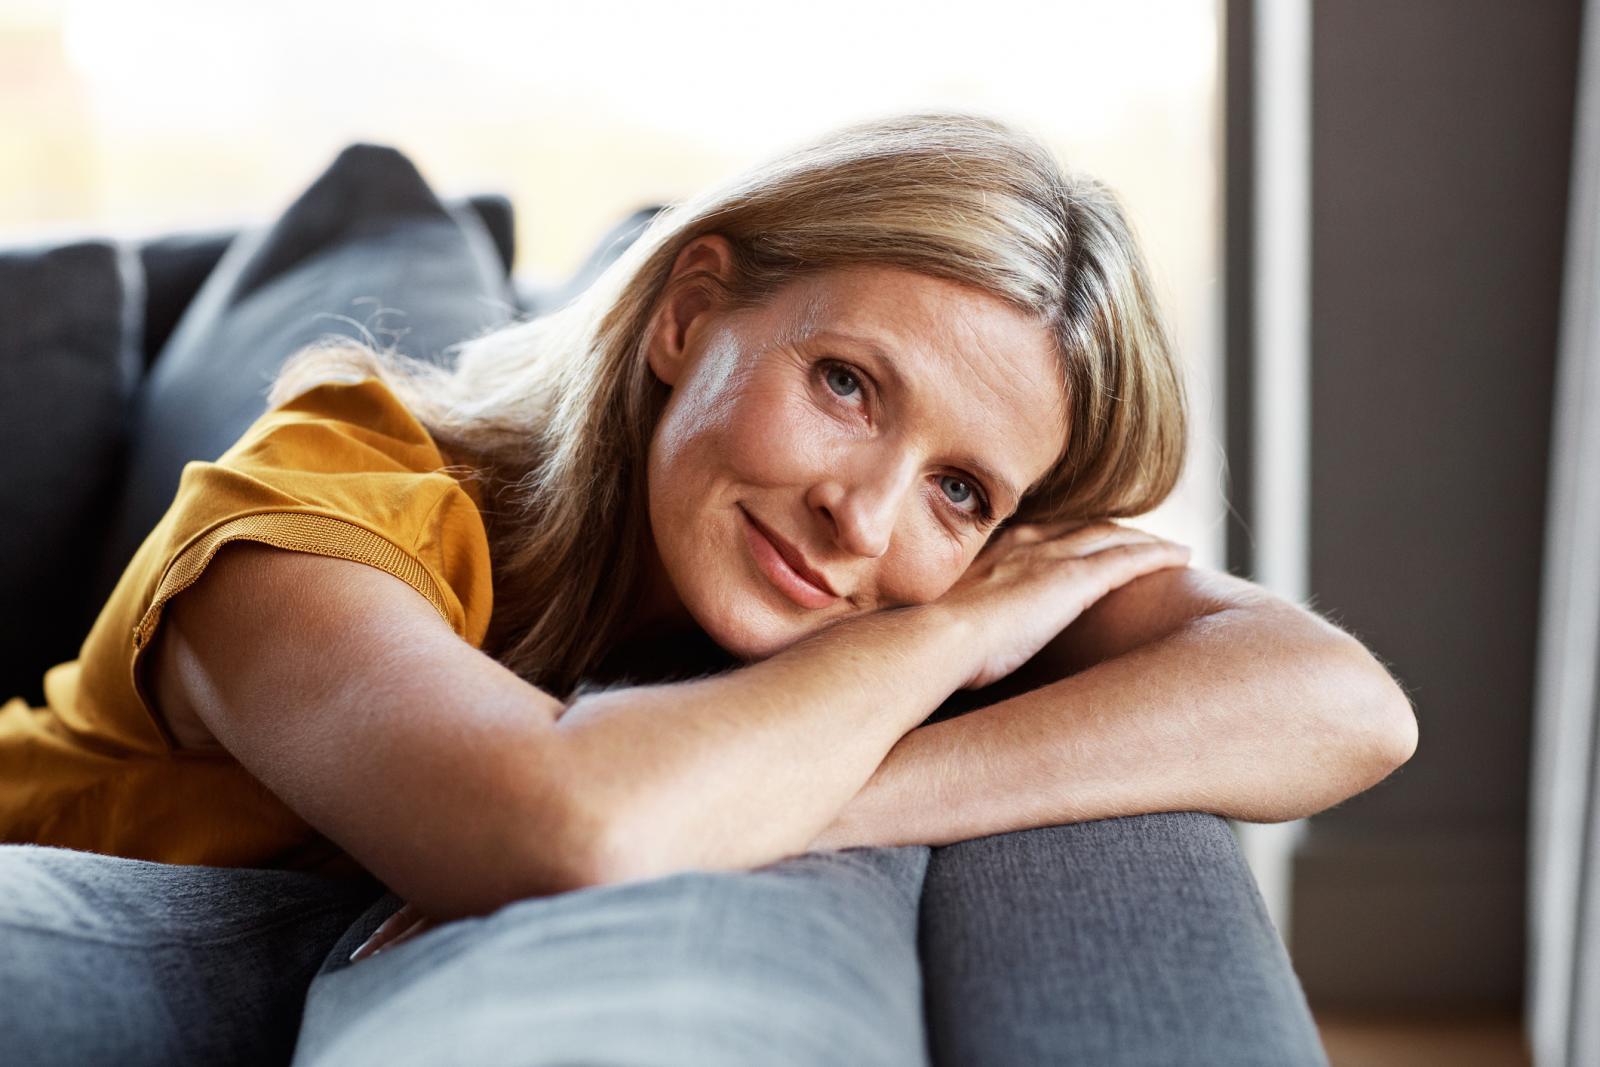 Više od polovice žena u menopauzi ima neku od smetnji vezanih za vanjsko spolovilo (stidnica, vulva) ili rodnicu (vagina).